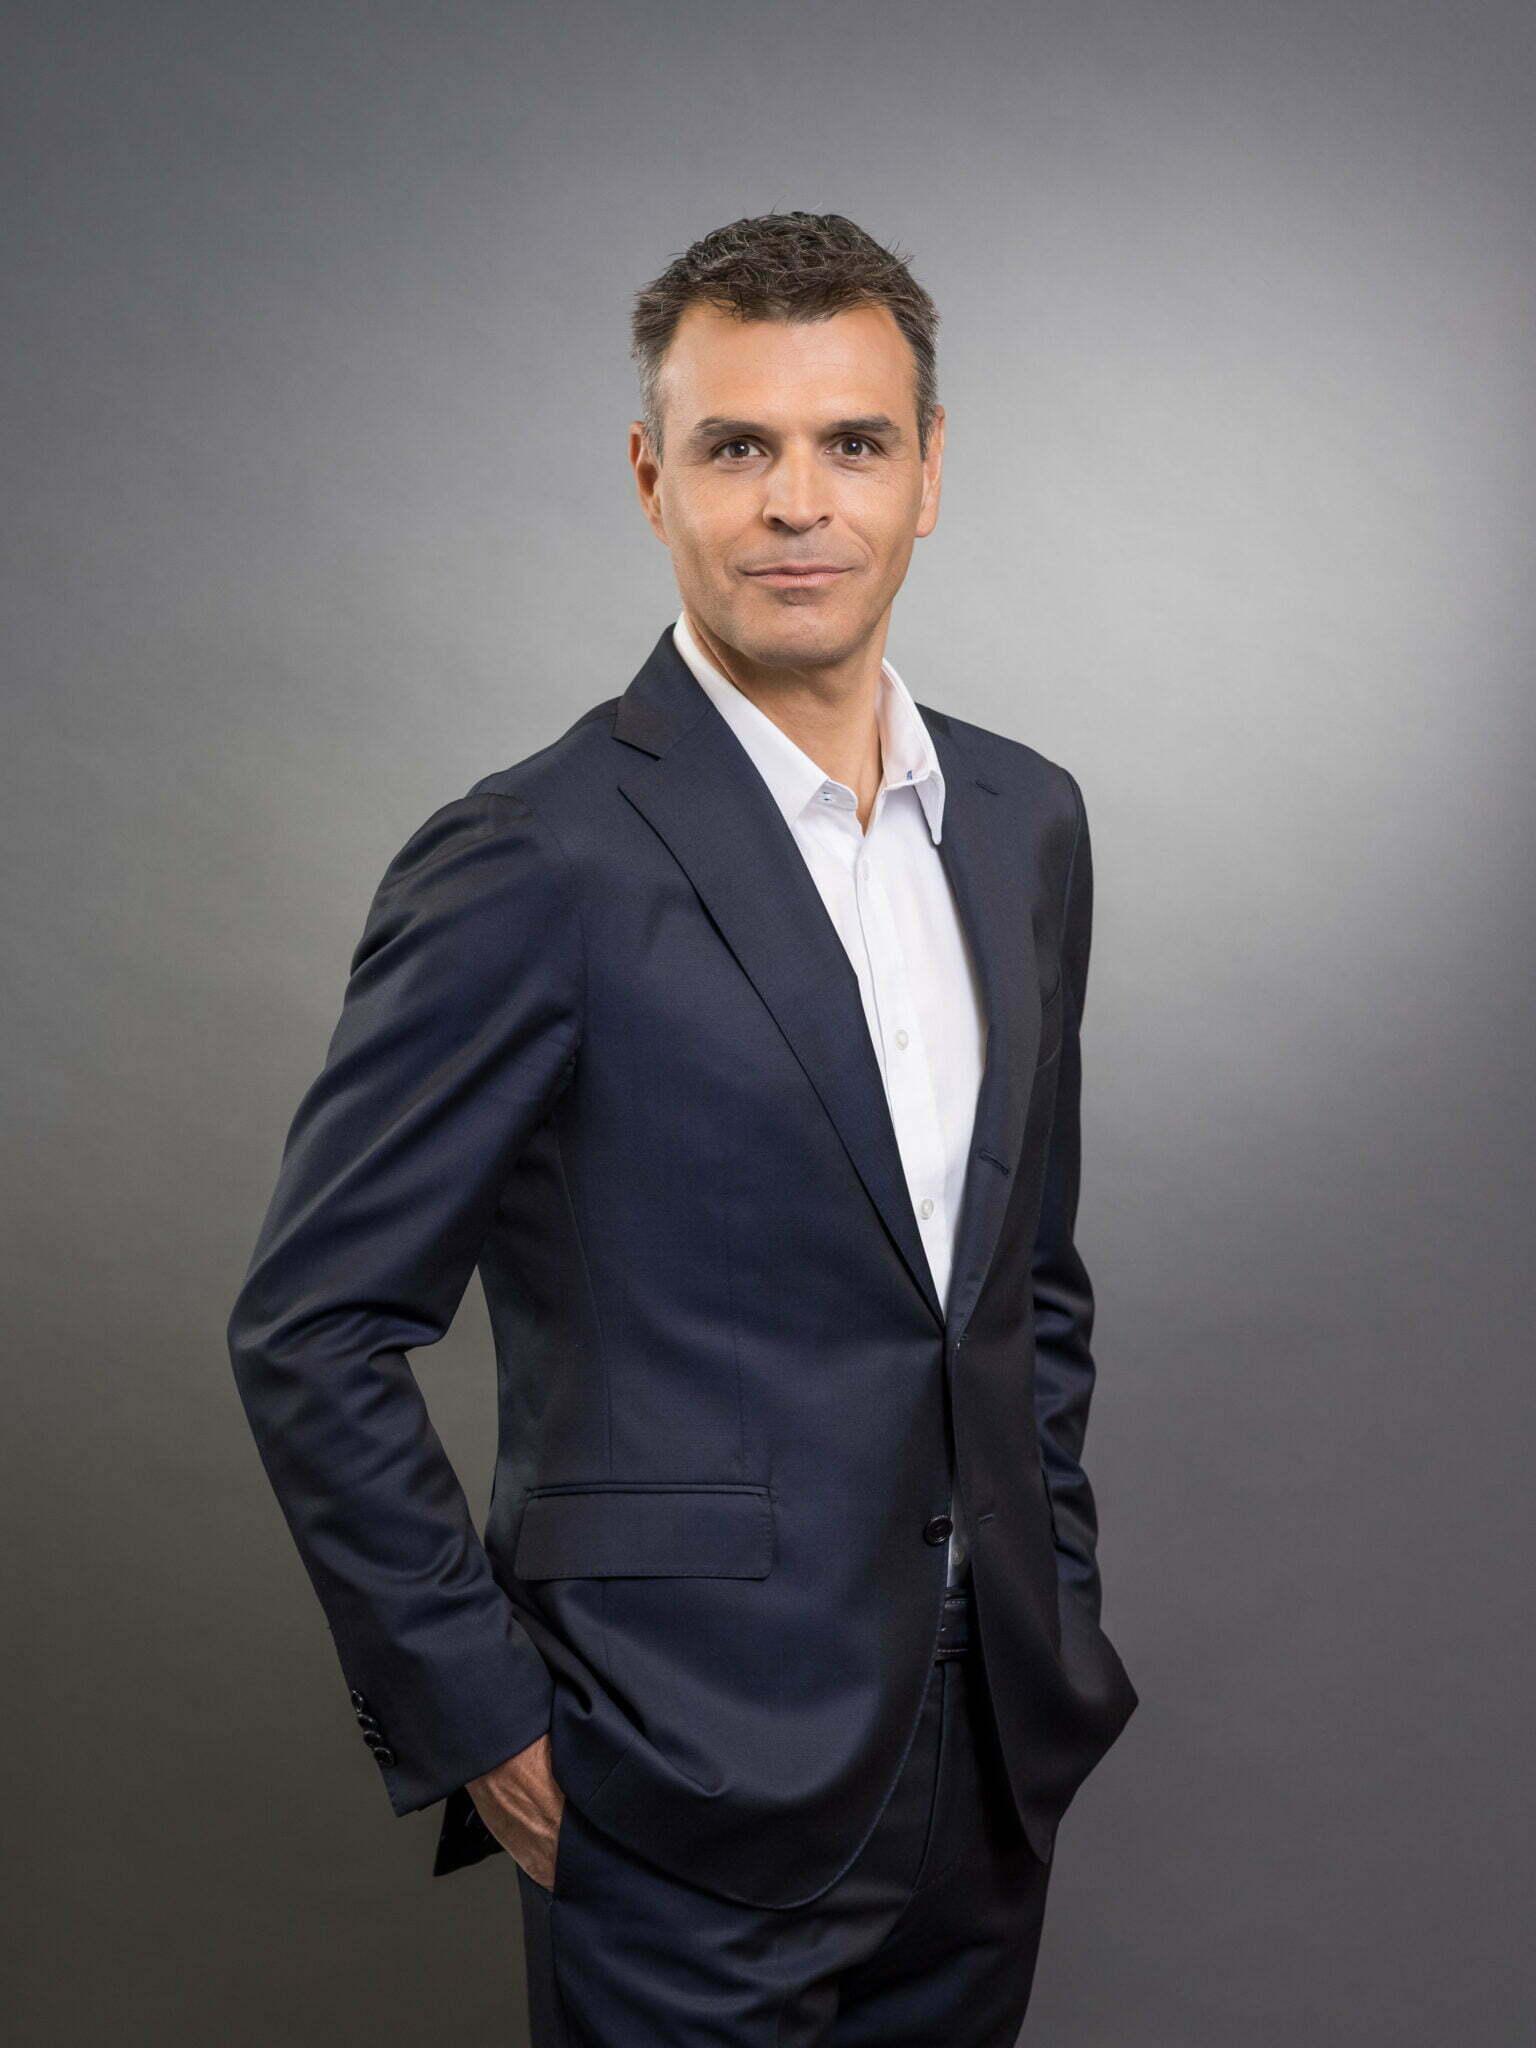 Cédric JOURNEL ALPINE Vice-Président Ventes & Marketing